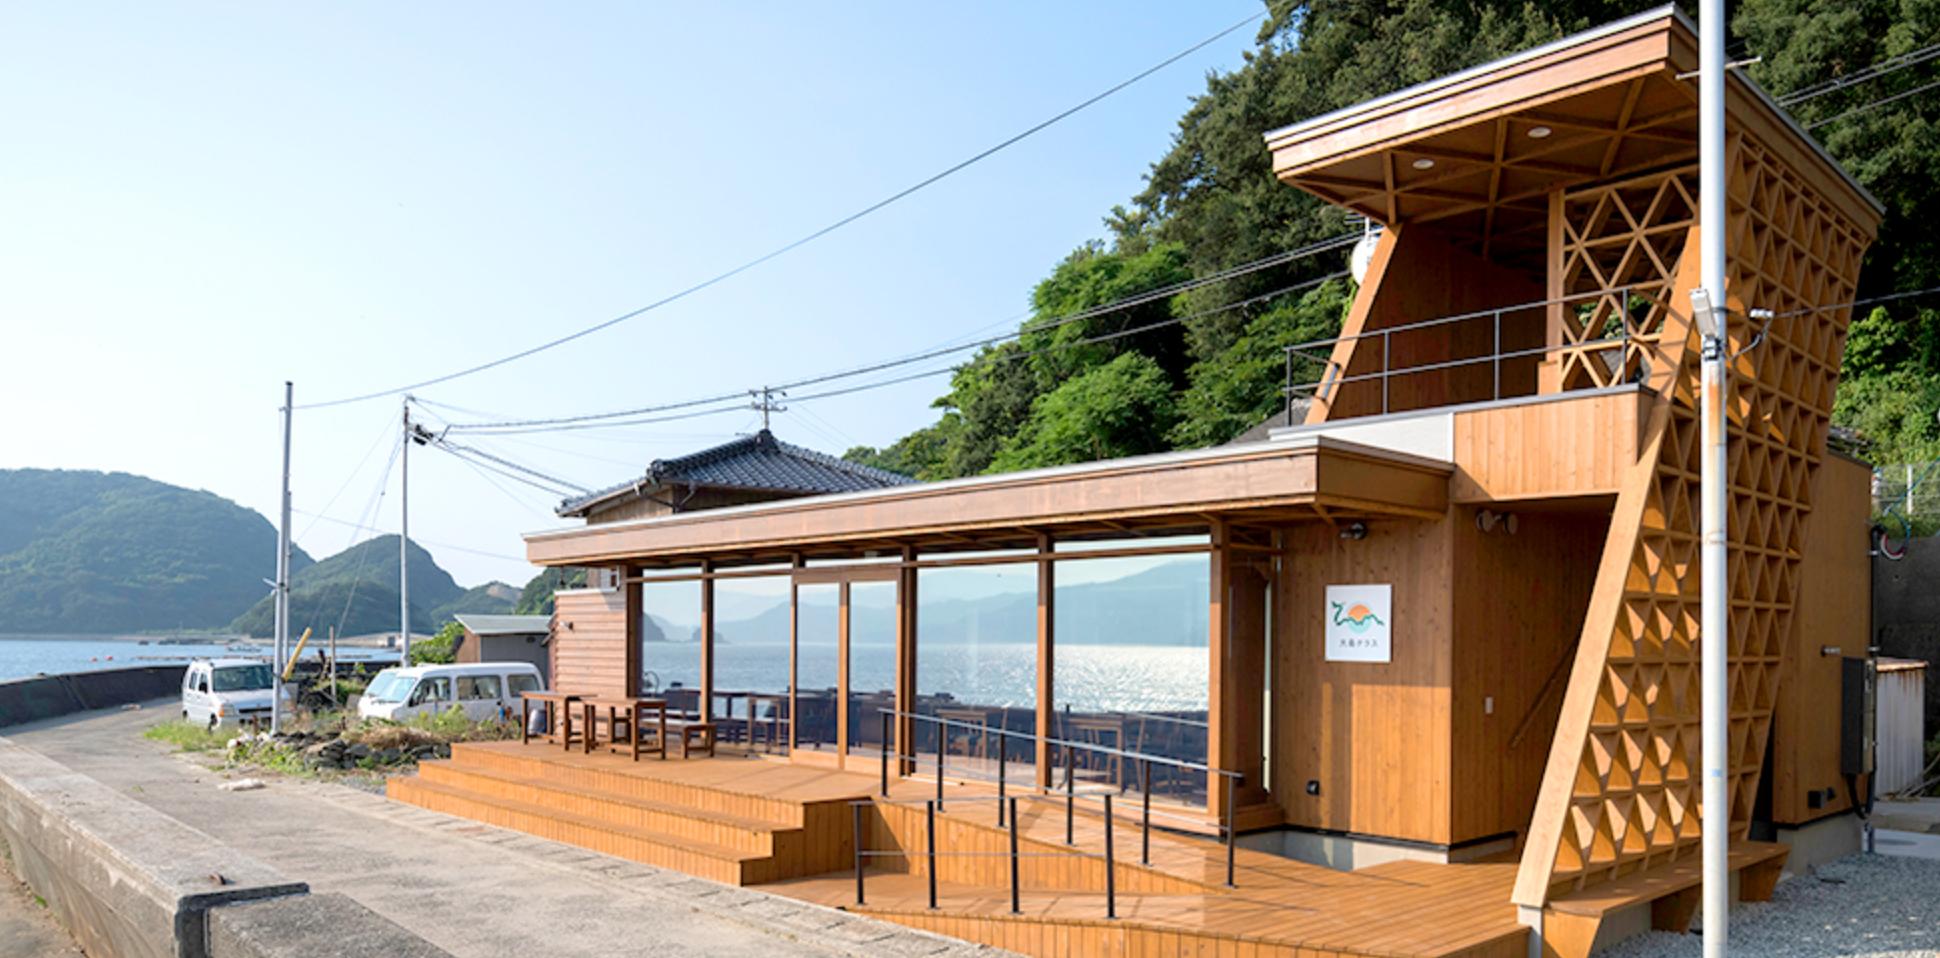 八幡浜大島テラスでしか食べられない!新鮮かつ捕りたての「刺身定食」と「アジフライ定食」を食べてきたよ!